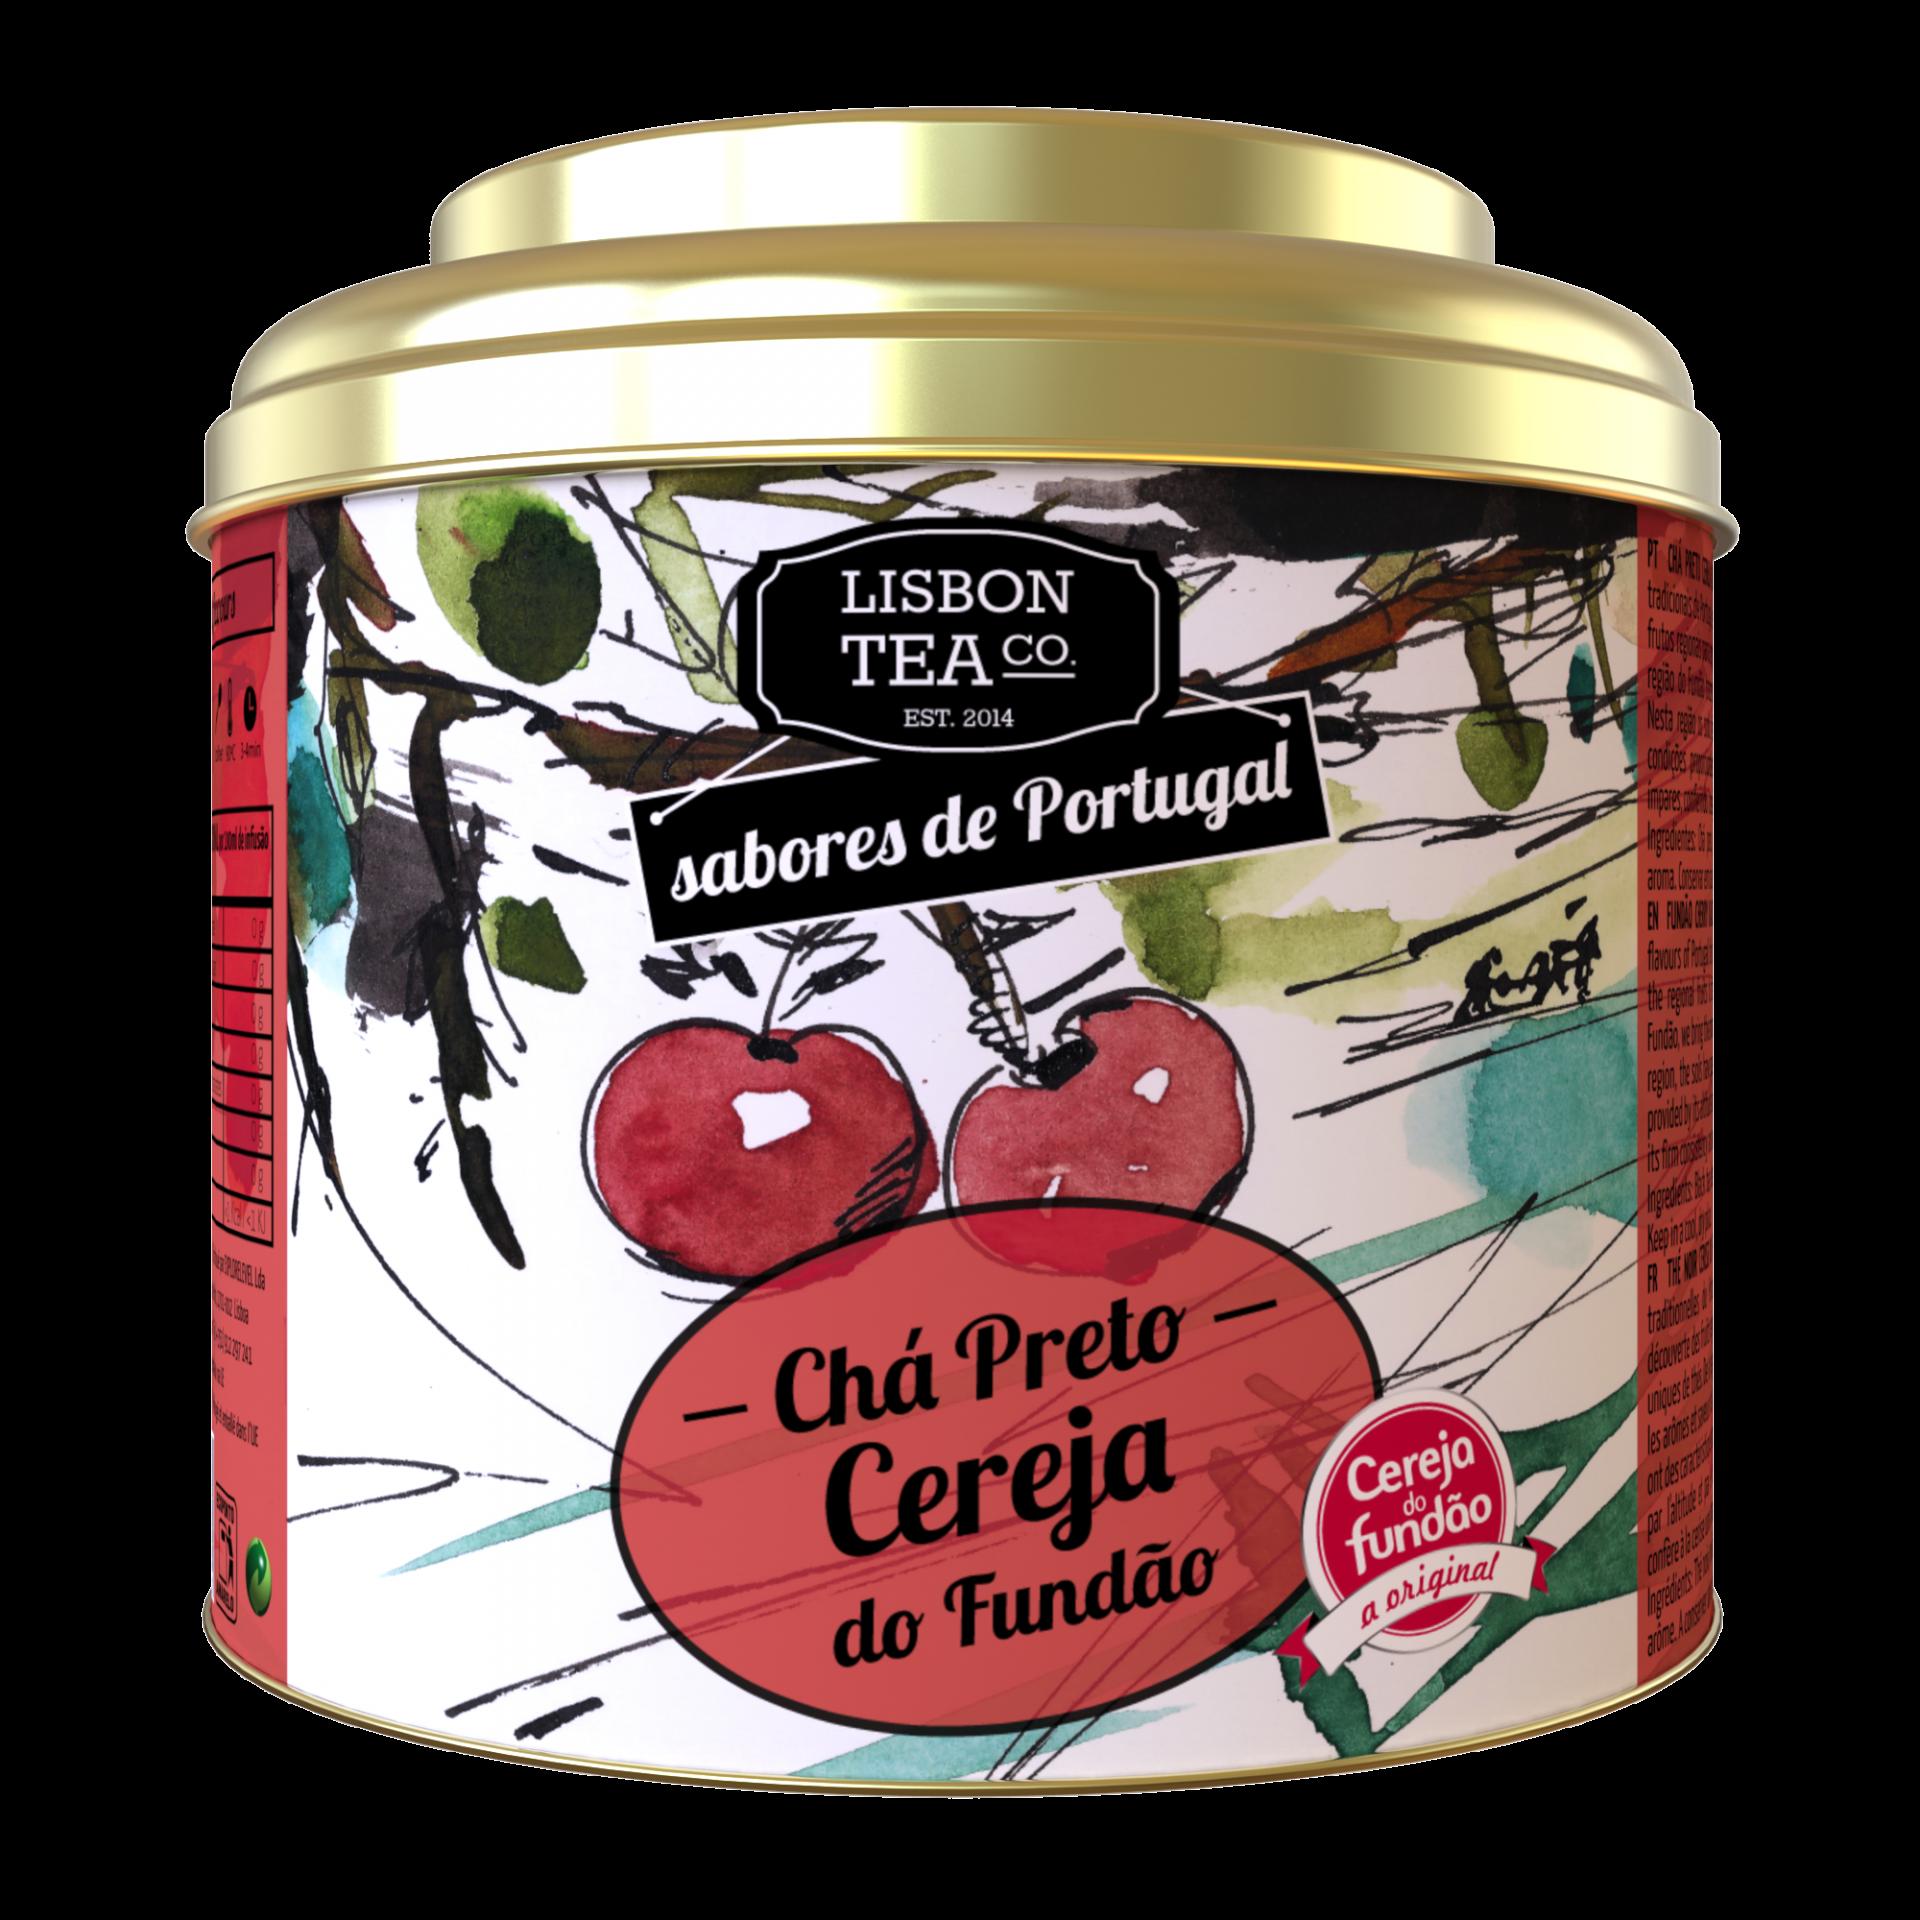 Lisbon Tea Preto Cereja Chá